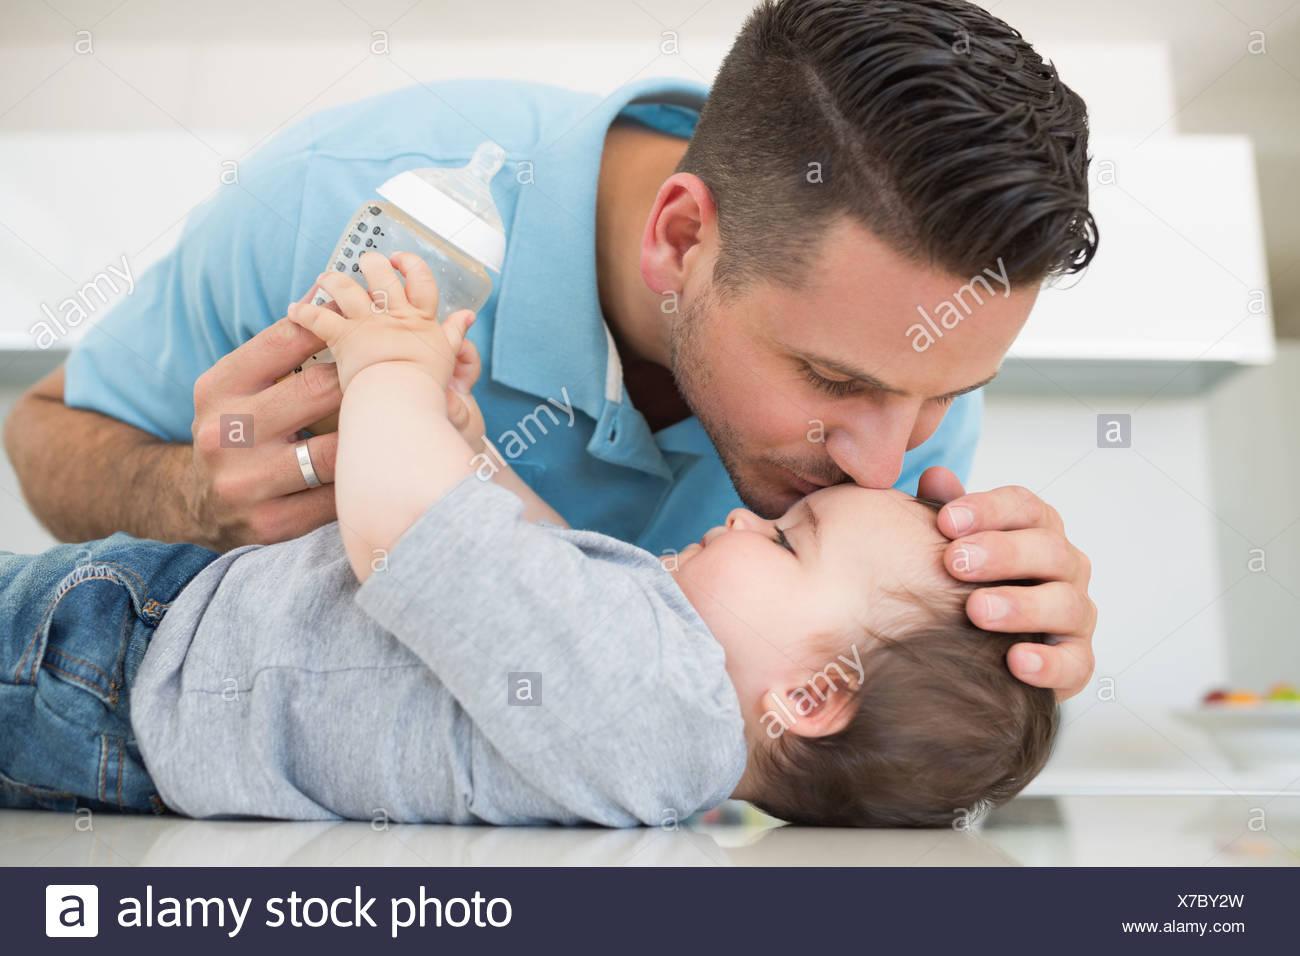 Kussen Voor Baby : Waarom je niemand mag toestaan om je baby op de mond te kussen